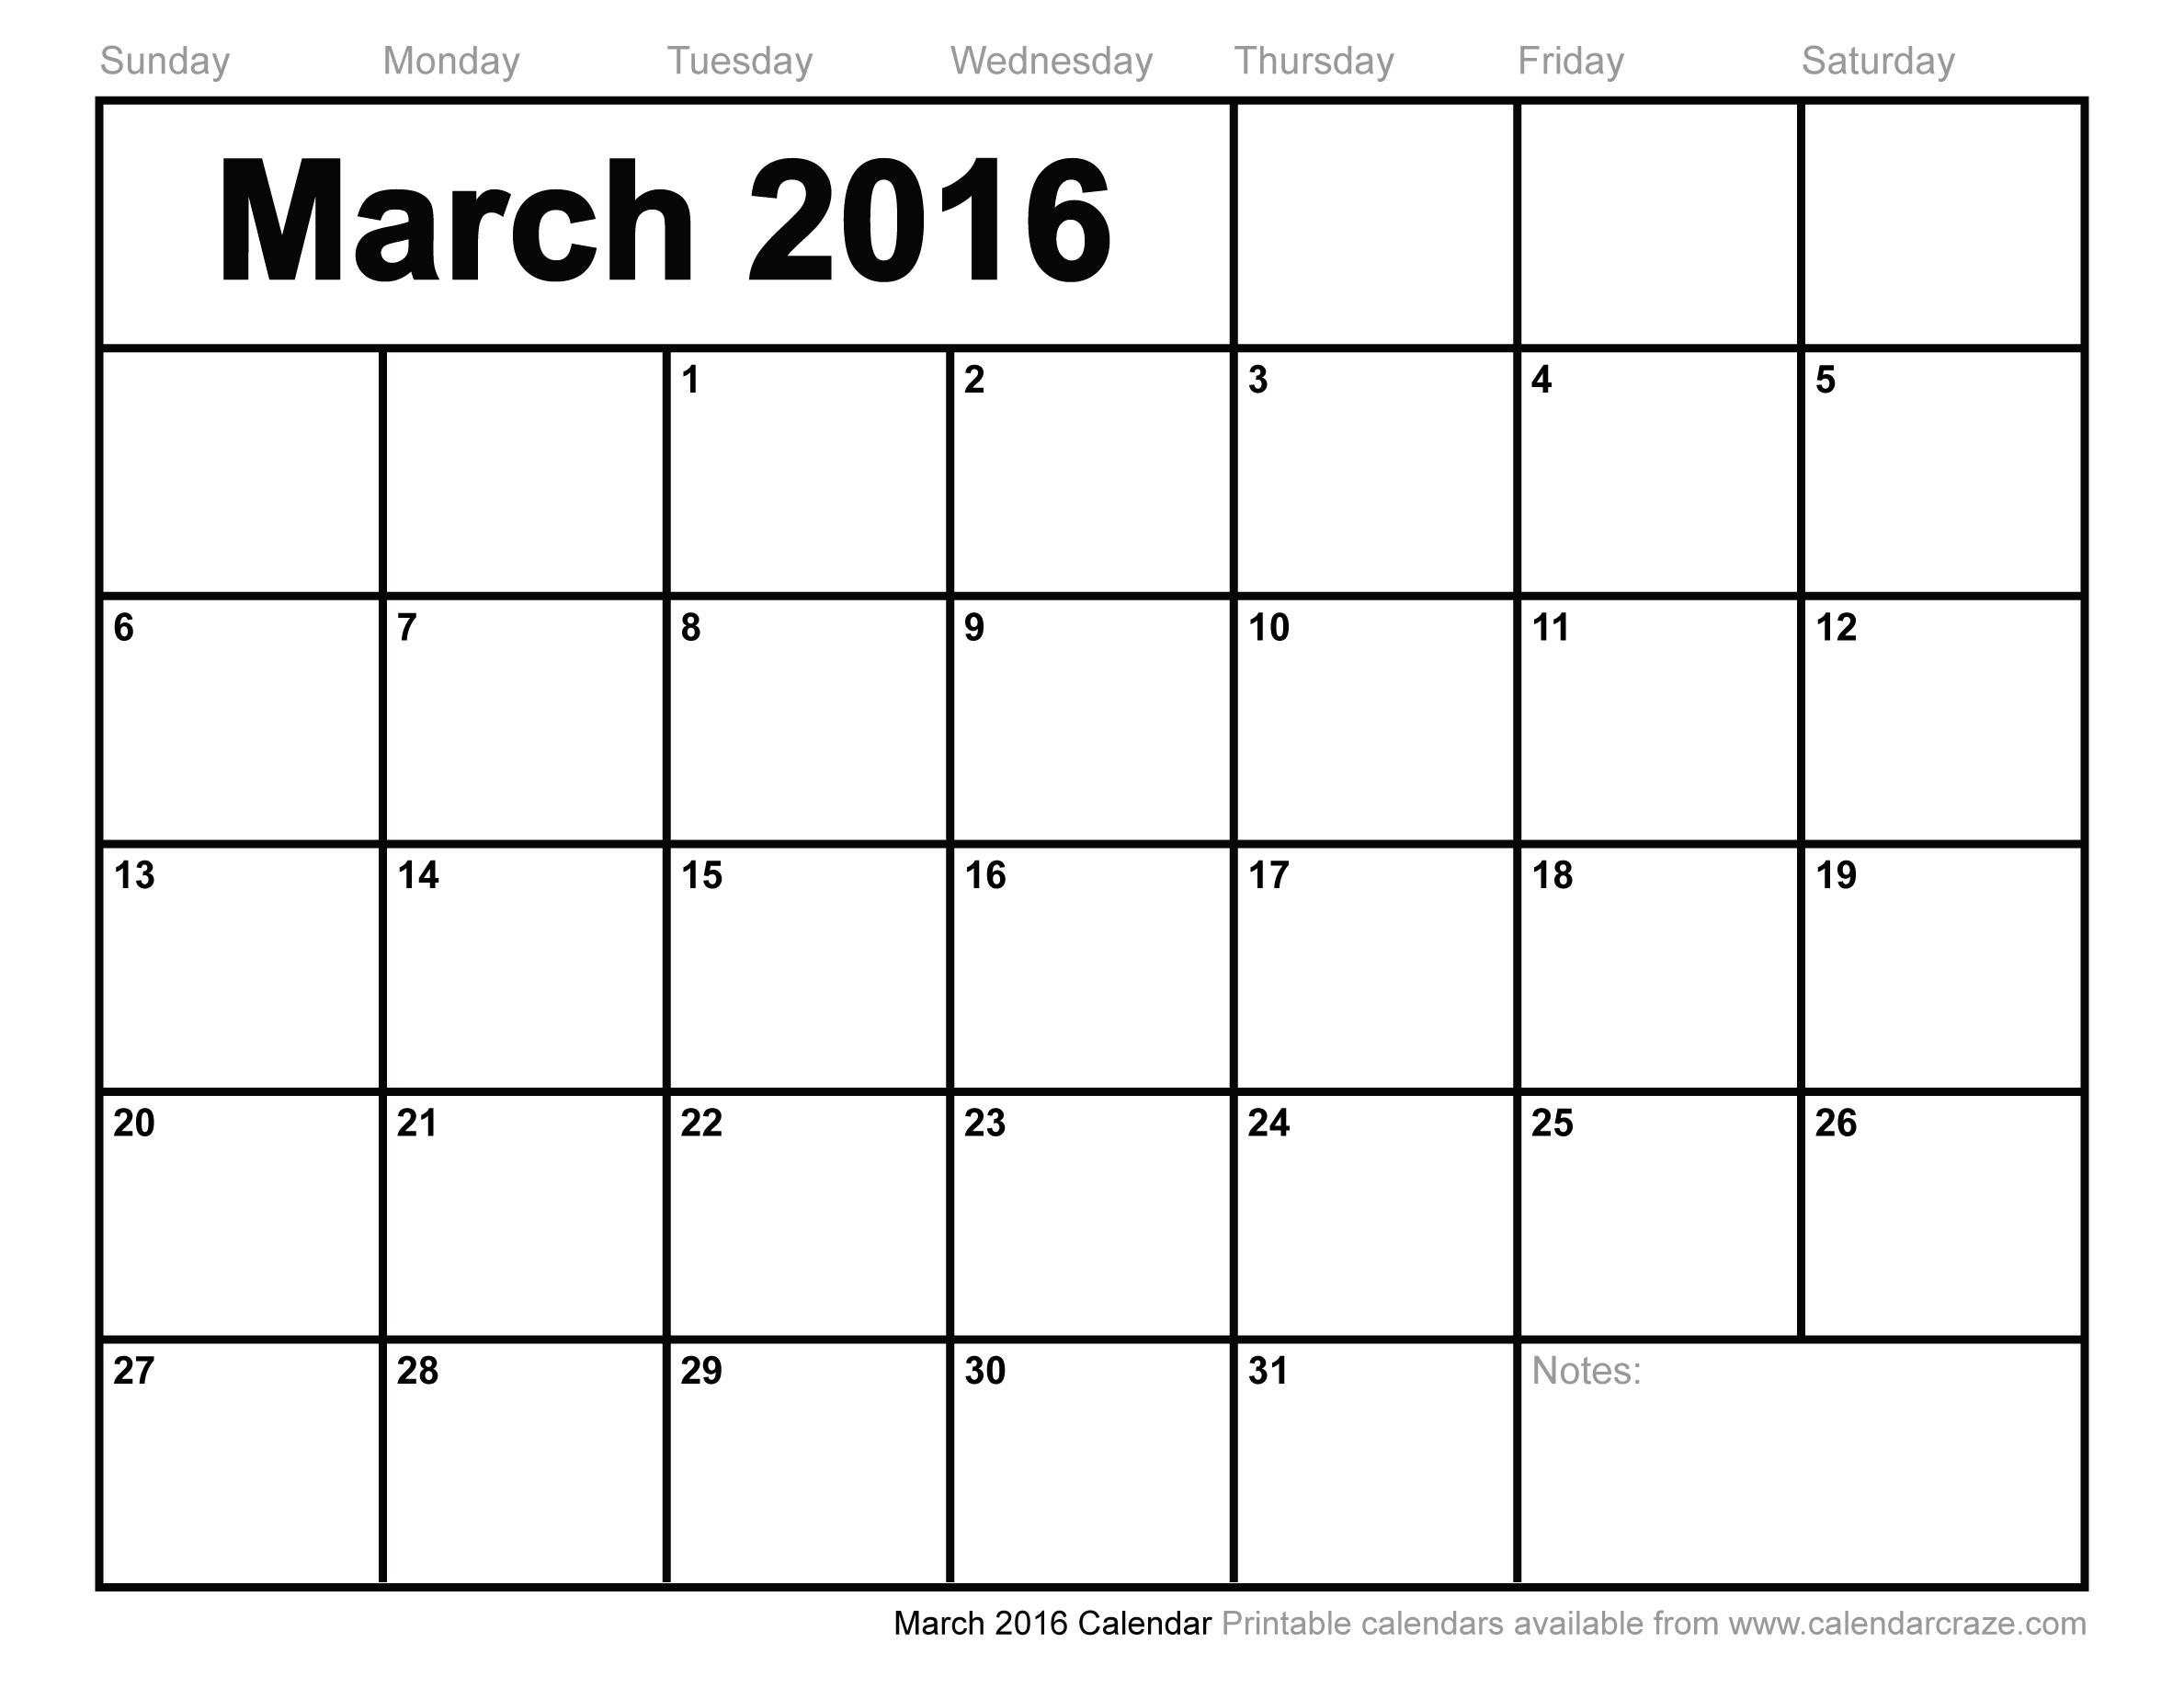 March 2016 Calendar Printable